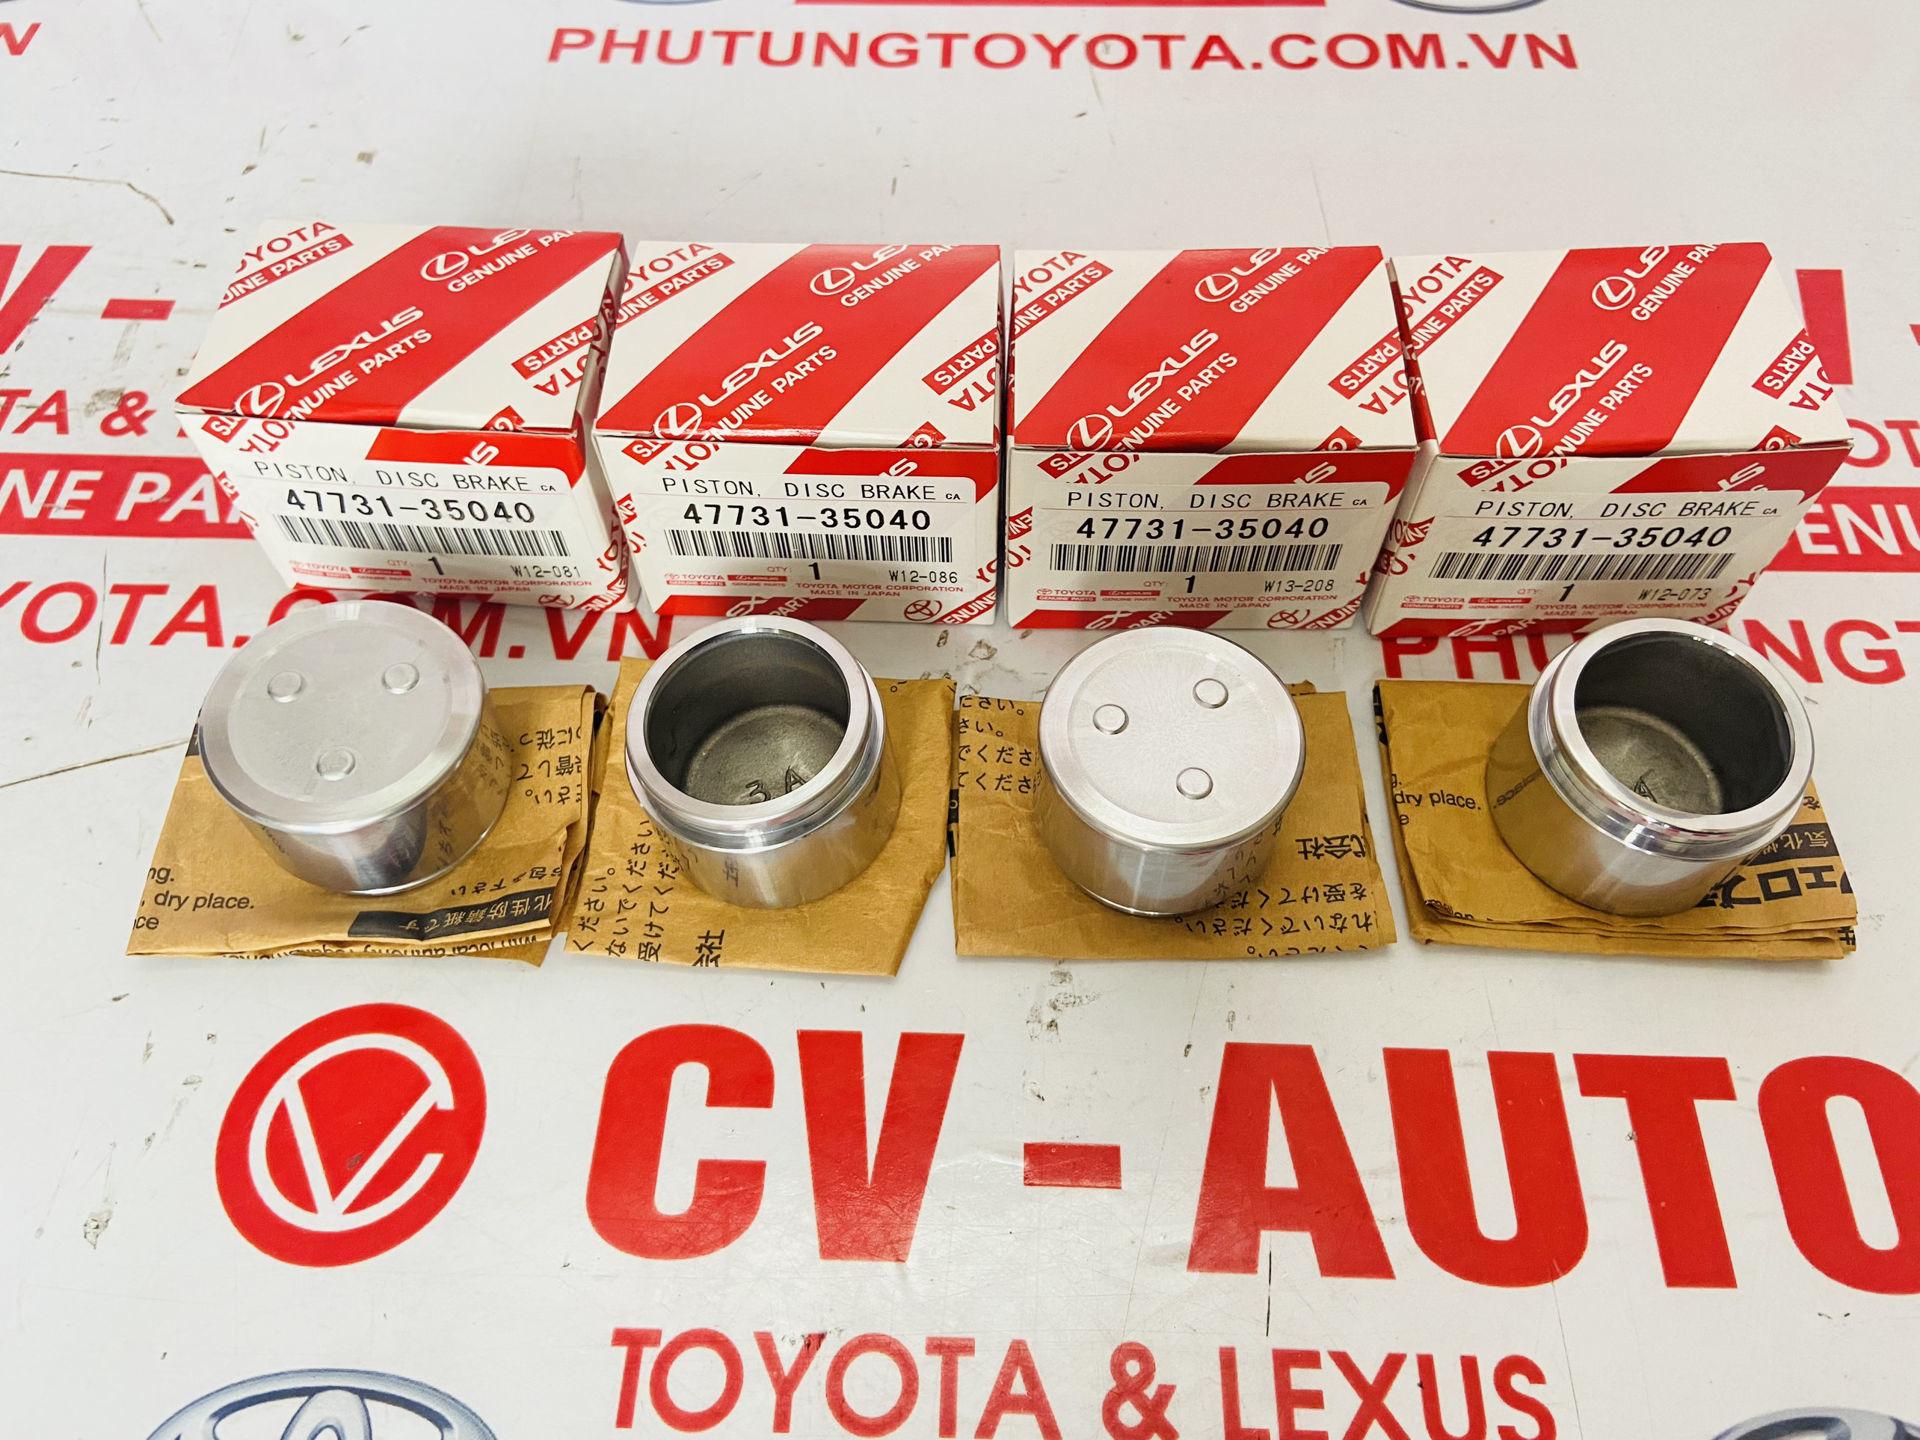 Picture of 47731-35040, 4773135040 Piston phanh trước Toyota Fortuner, Prado Lexus GX470 chính hãng